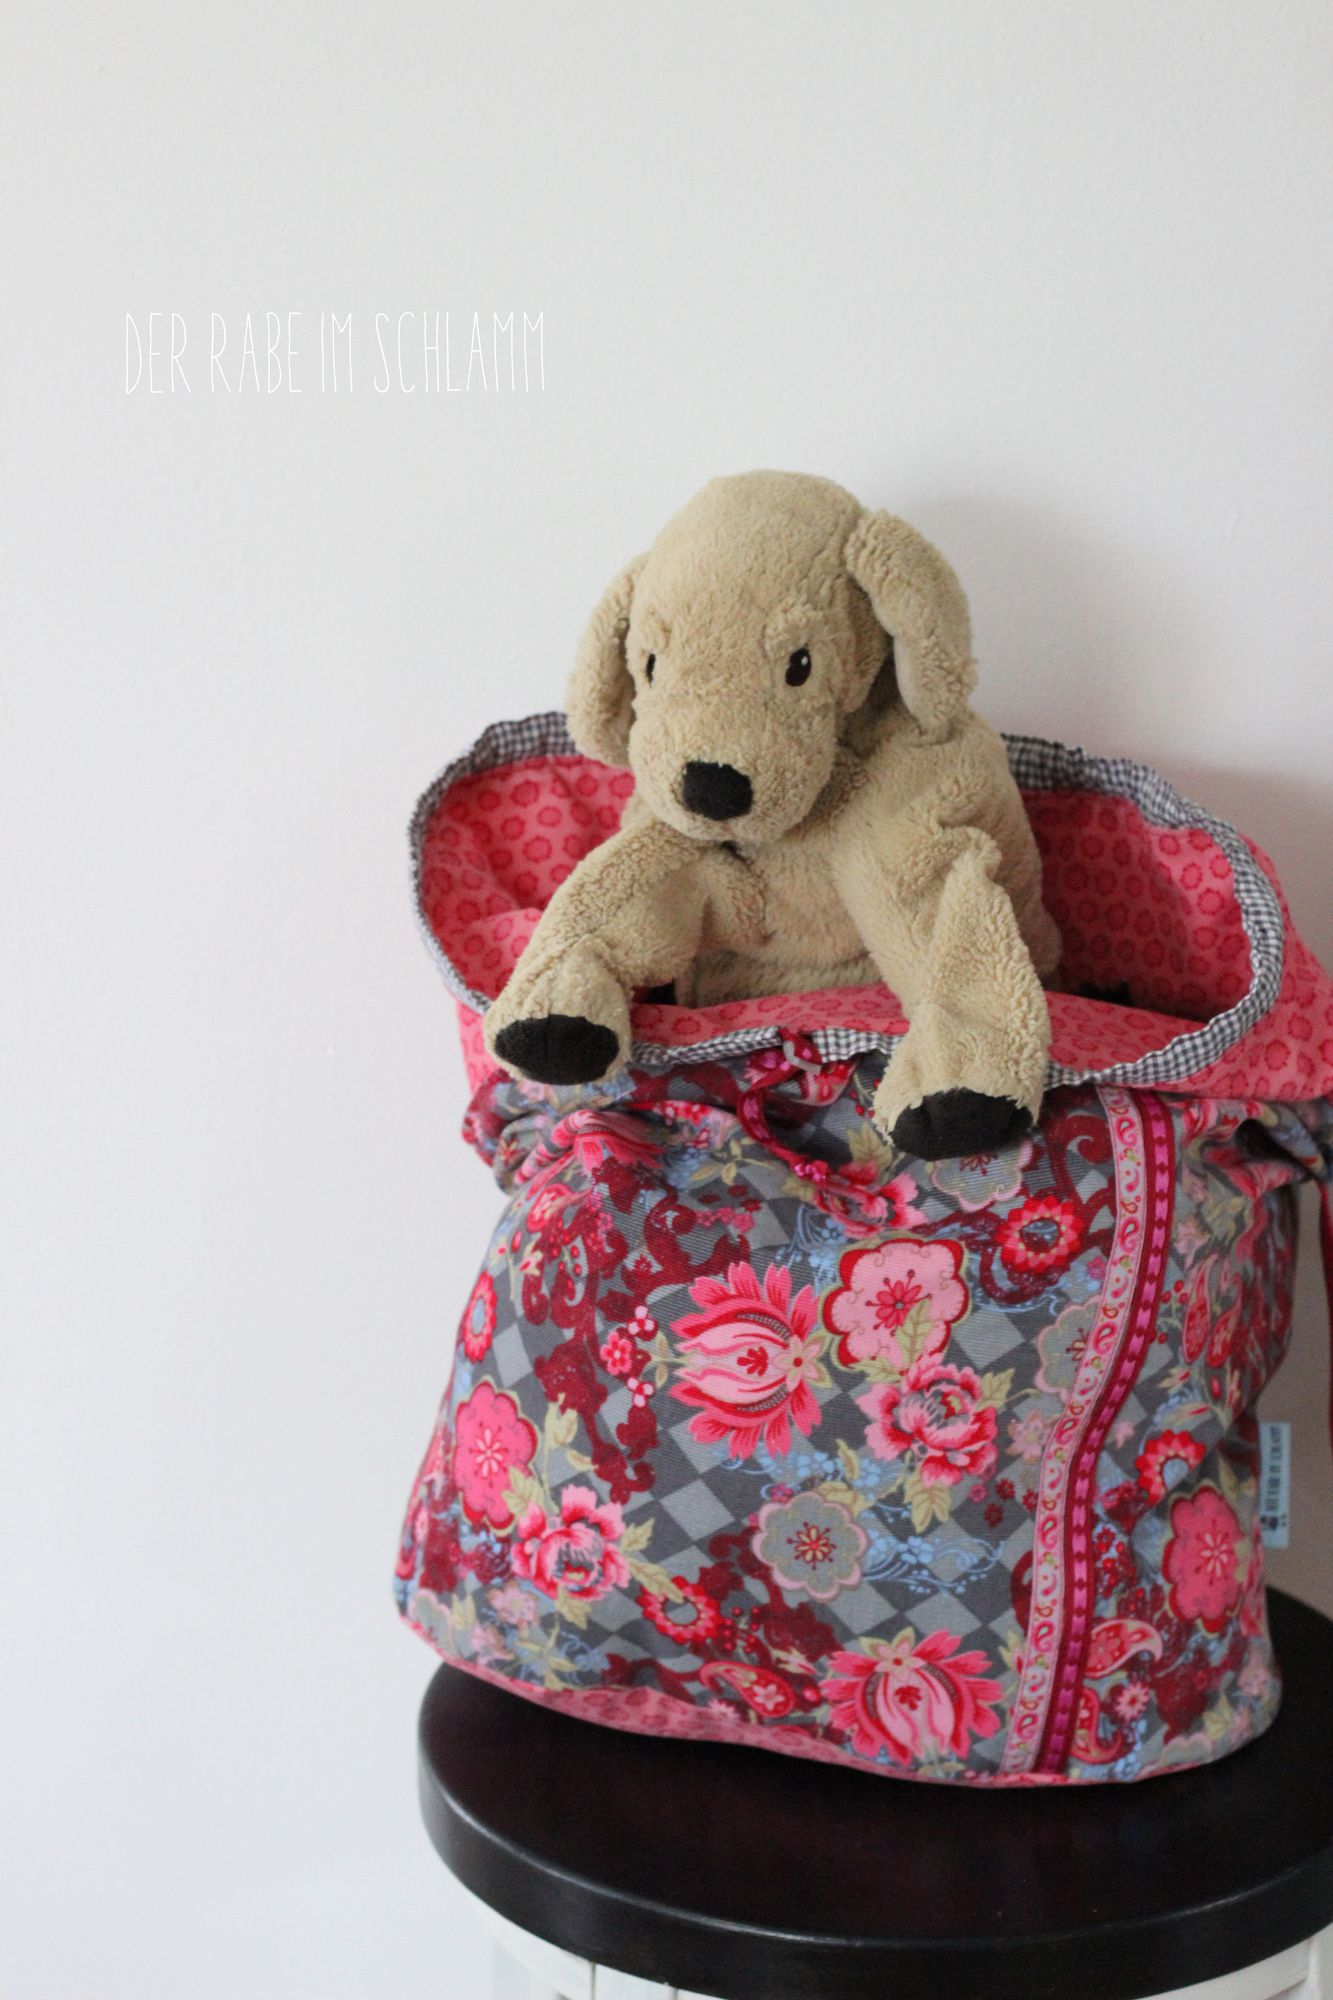 Der Rabe im Schlamm, Adventskalendertasche, Farbenmix, Packs ein, Nähen, Taschen